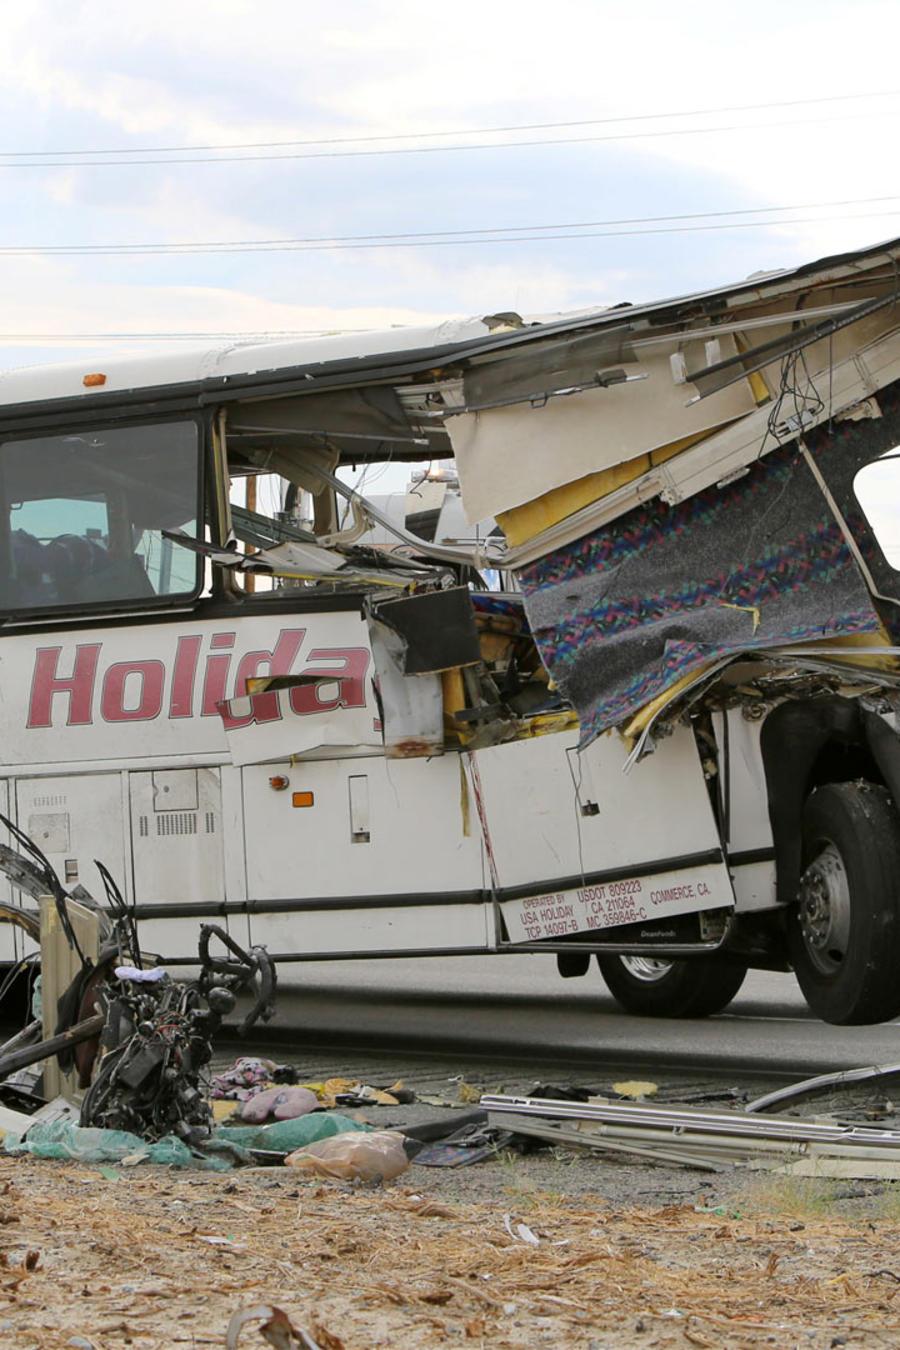 accidente de autobus en california